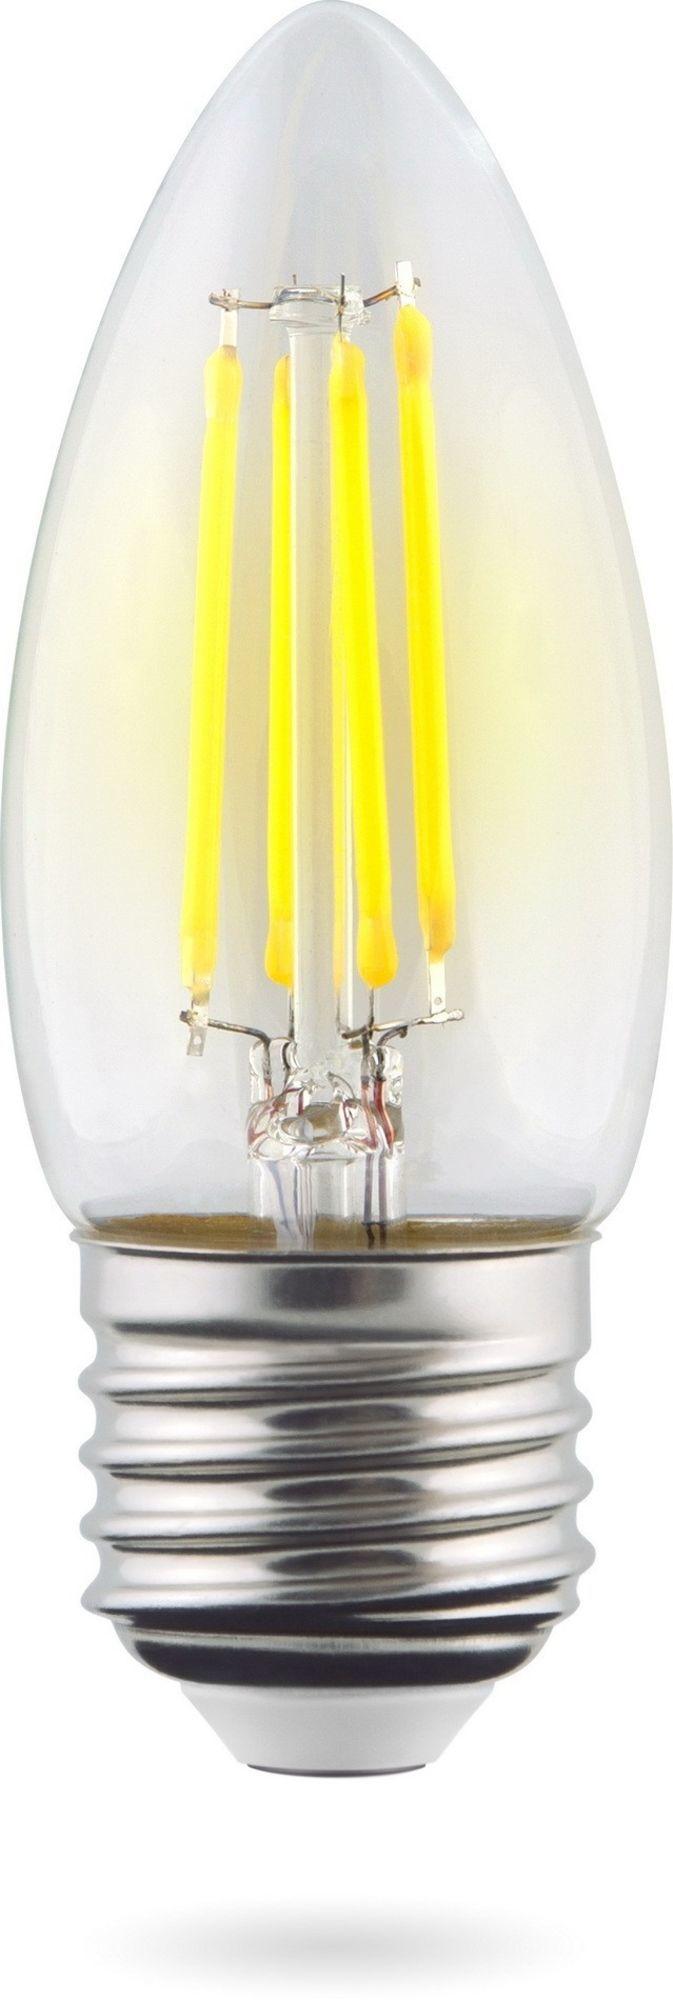 Филаментная светодиодная лампа Voltega Crystal 7046 свеча E27 6W, 2800K (теплый) 220V, гарантия 3 года - фото 1